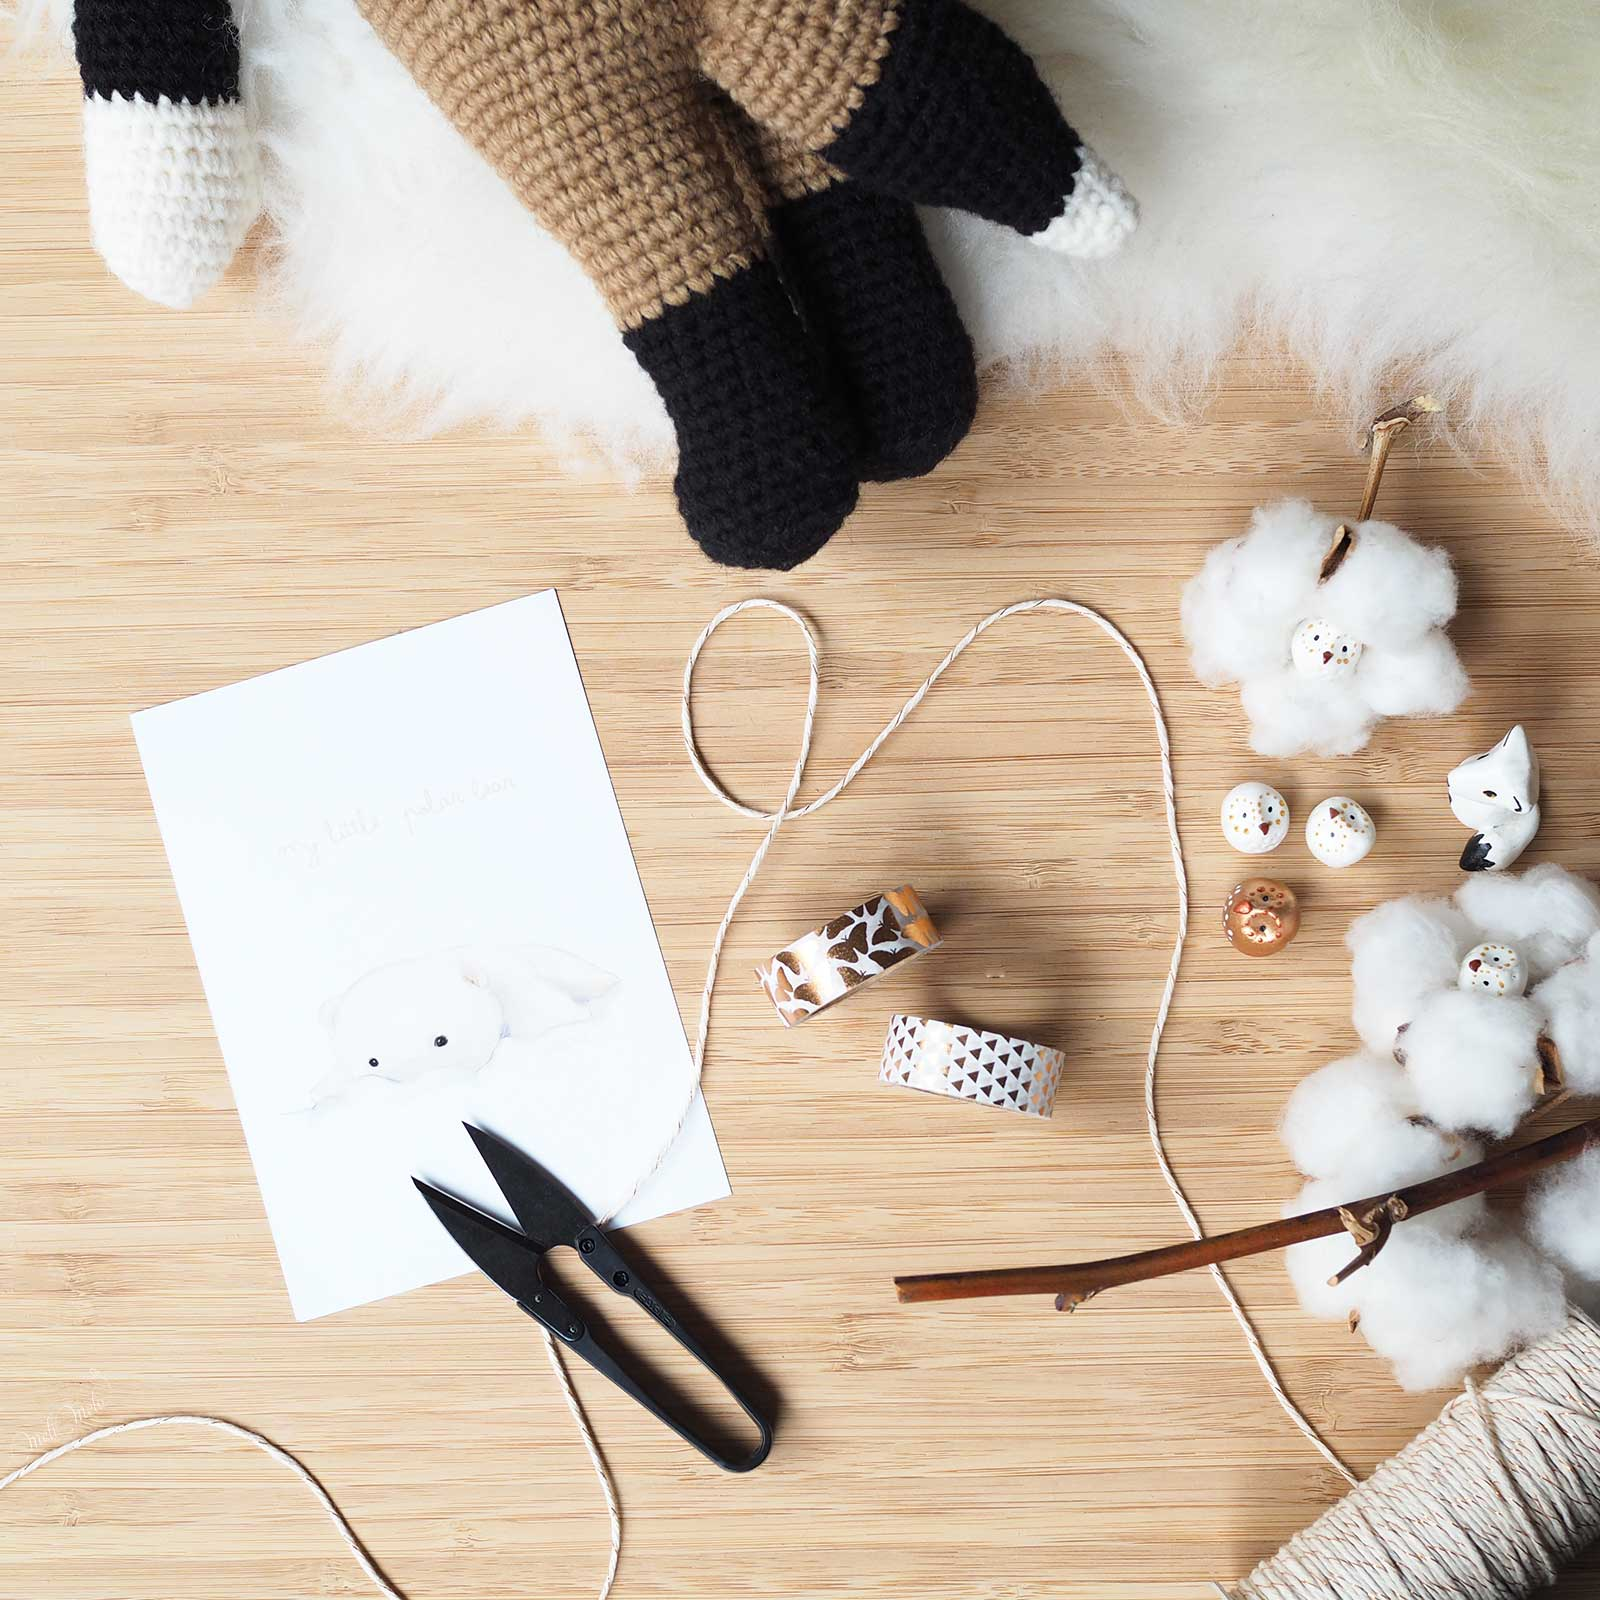 présentation renard doudou crochet illustration latortuguita blanca laboutiquedemelimelo